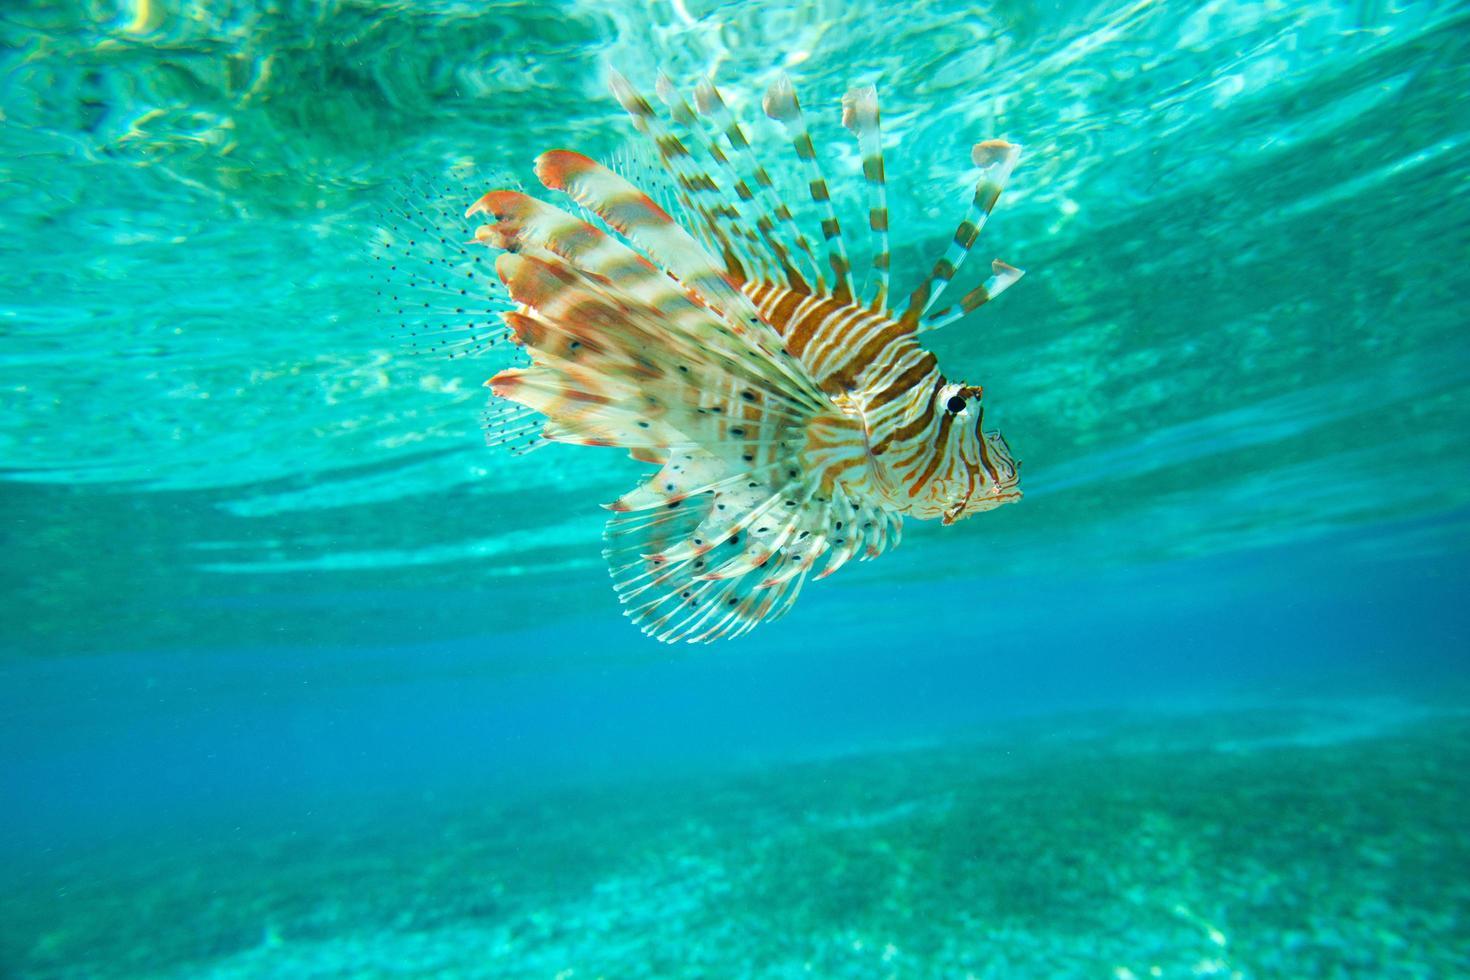 pesce leone che nuota sott'acqua foto